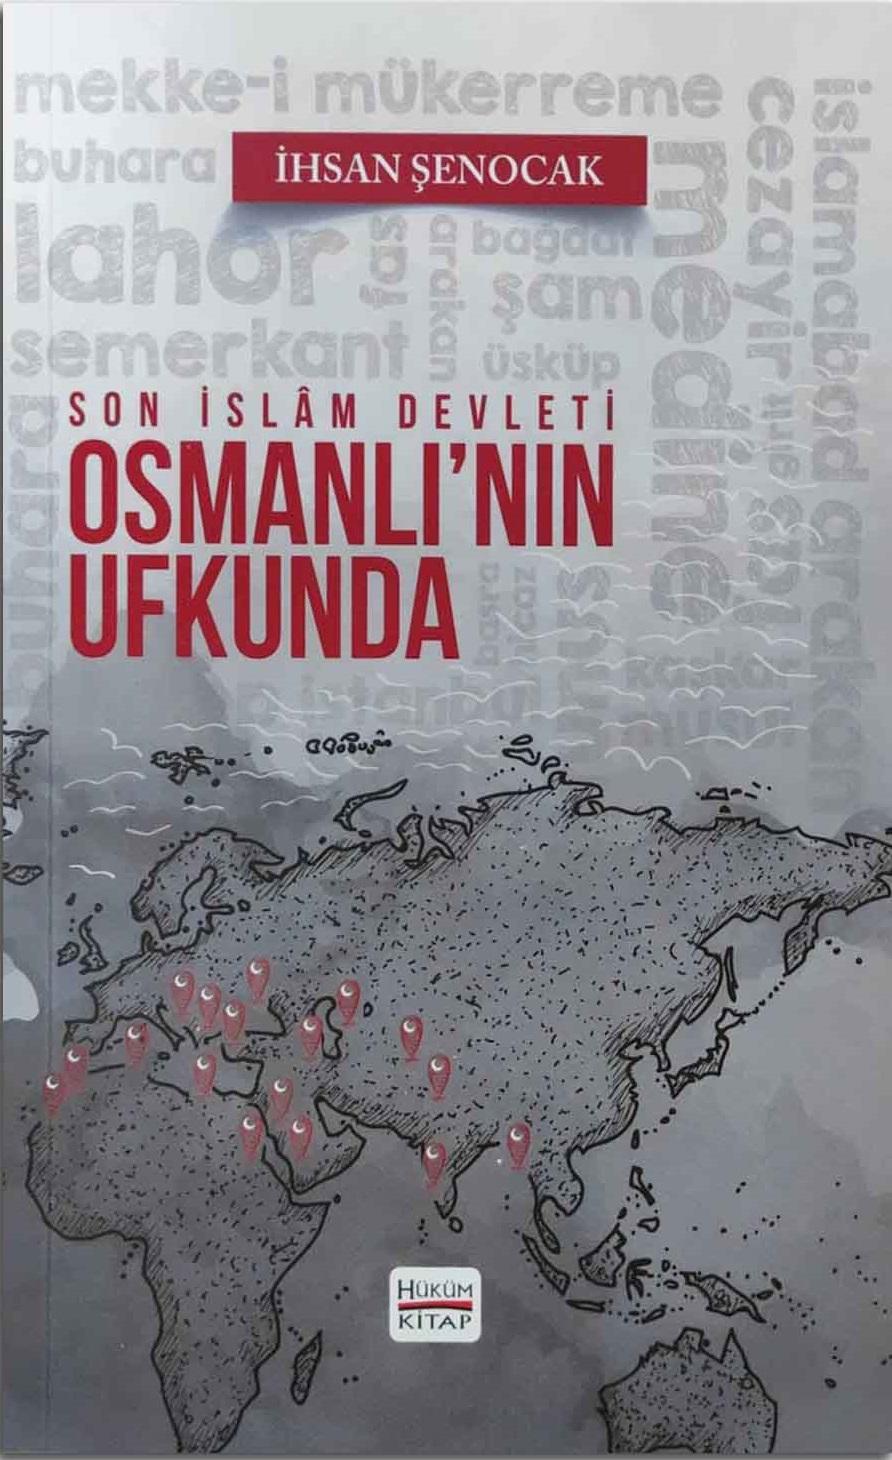 Son İslam Devleti Osmanlı'nın Ufkunda